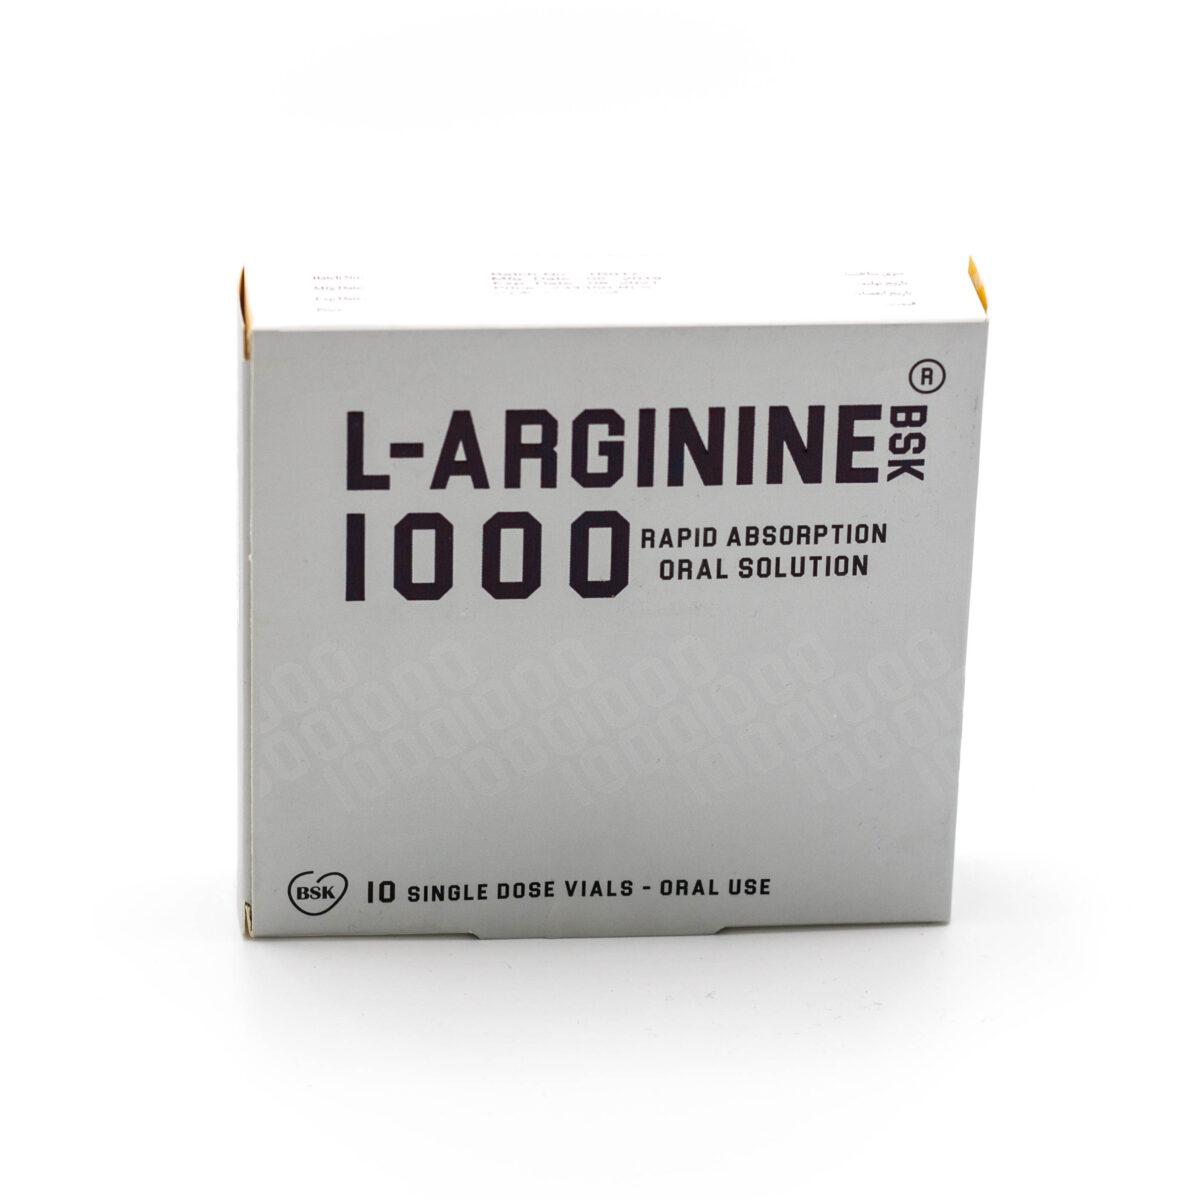 ال-آرژینین بی اس کی 1000® 10 ویال خوراکی